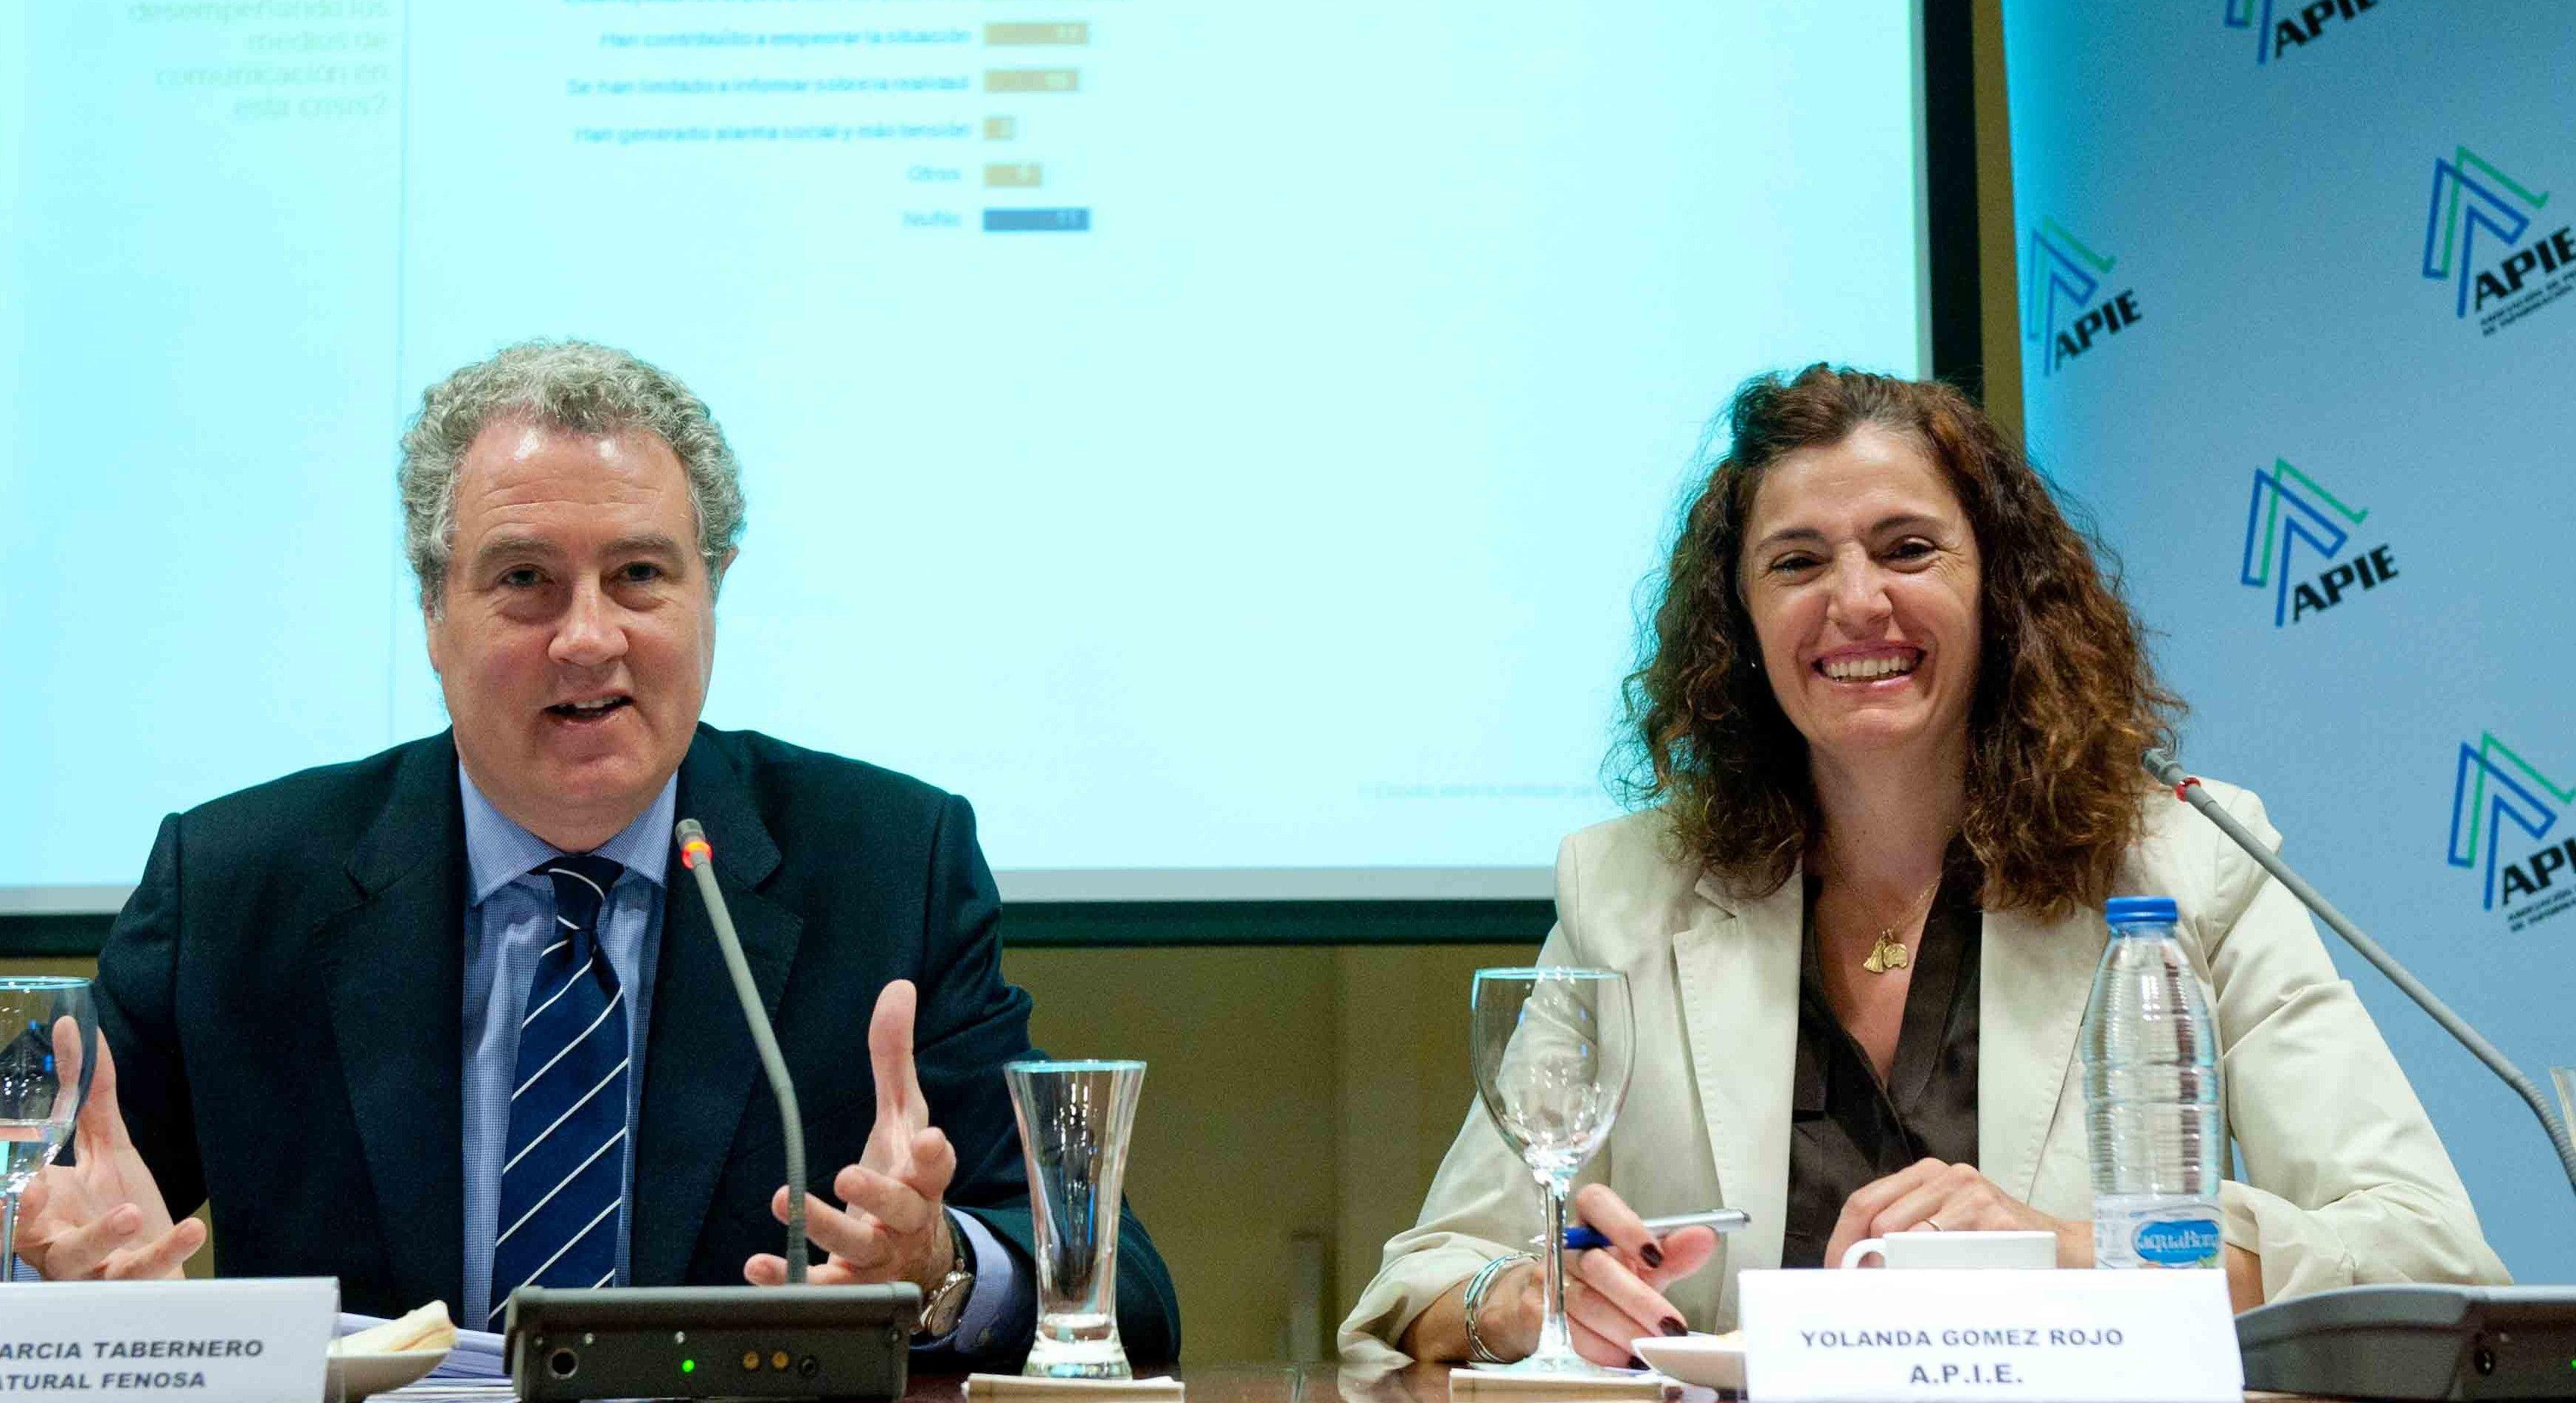 Jordi García Tabernero, director de Comunicación de Gas Natural Fenosa, junto a Yolanda Gómez Rojo, Vicepresidenta de APIE, durante la presentación del Informe de Gas Natural Fenosa sobre periodismo.